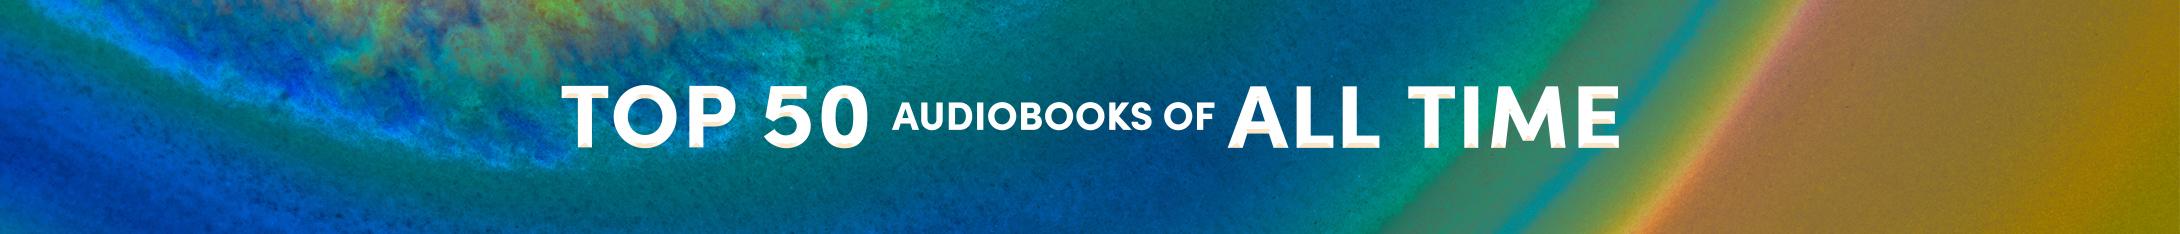 Best audiobooks of 2020 so far